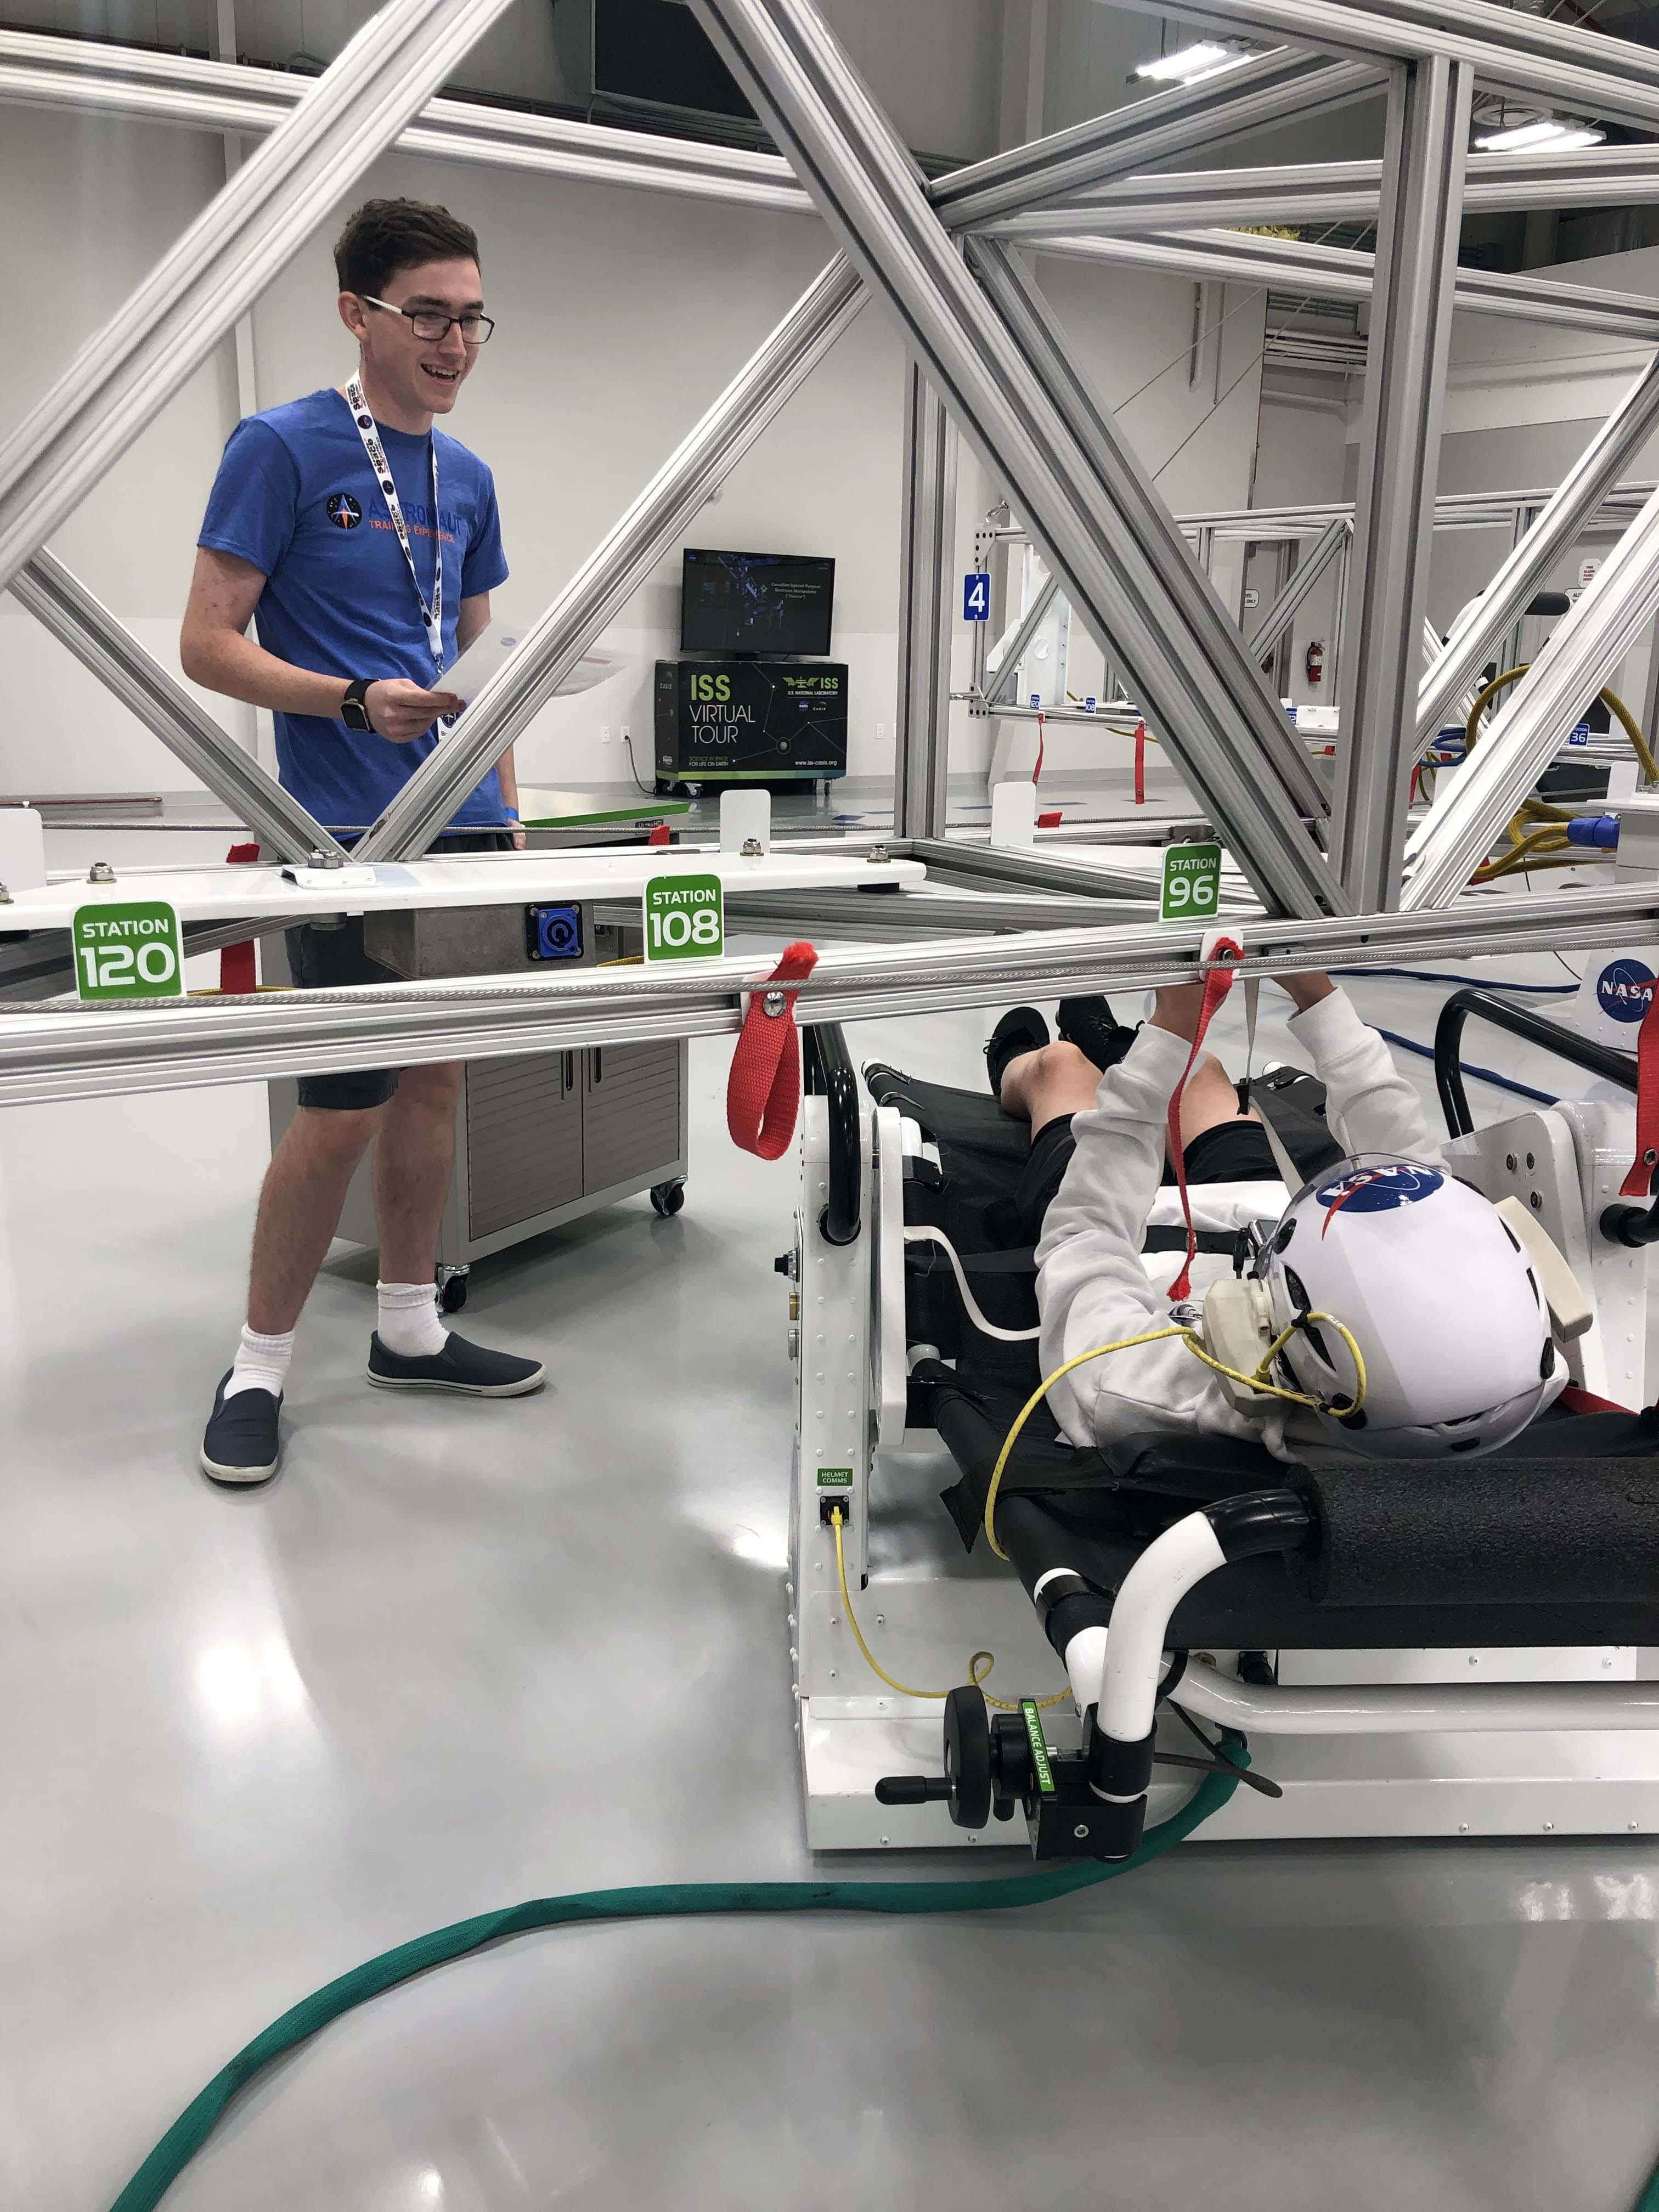 CraigsleaEverton_STEM_2019_USA_ (16)